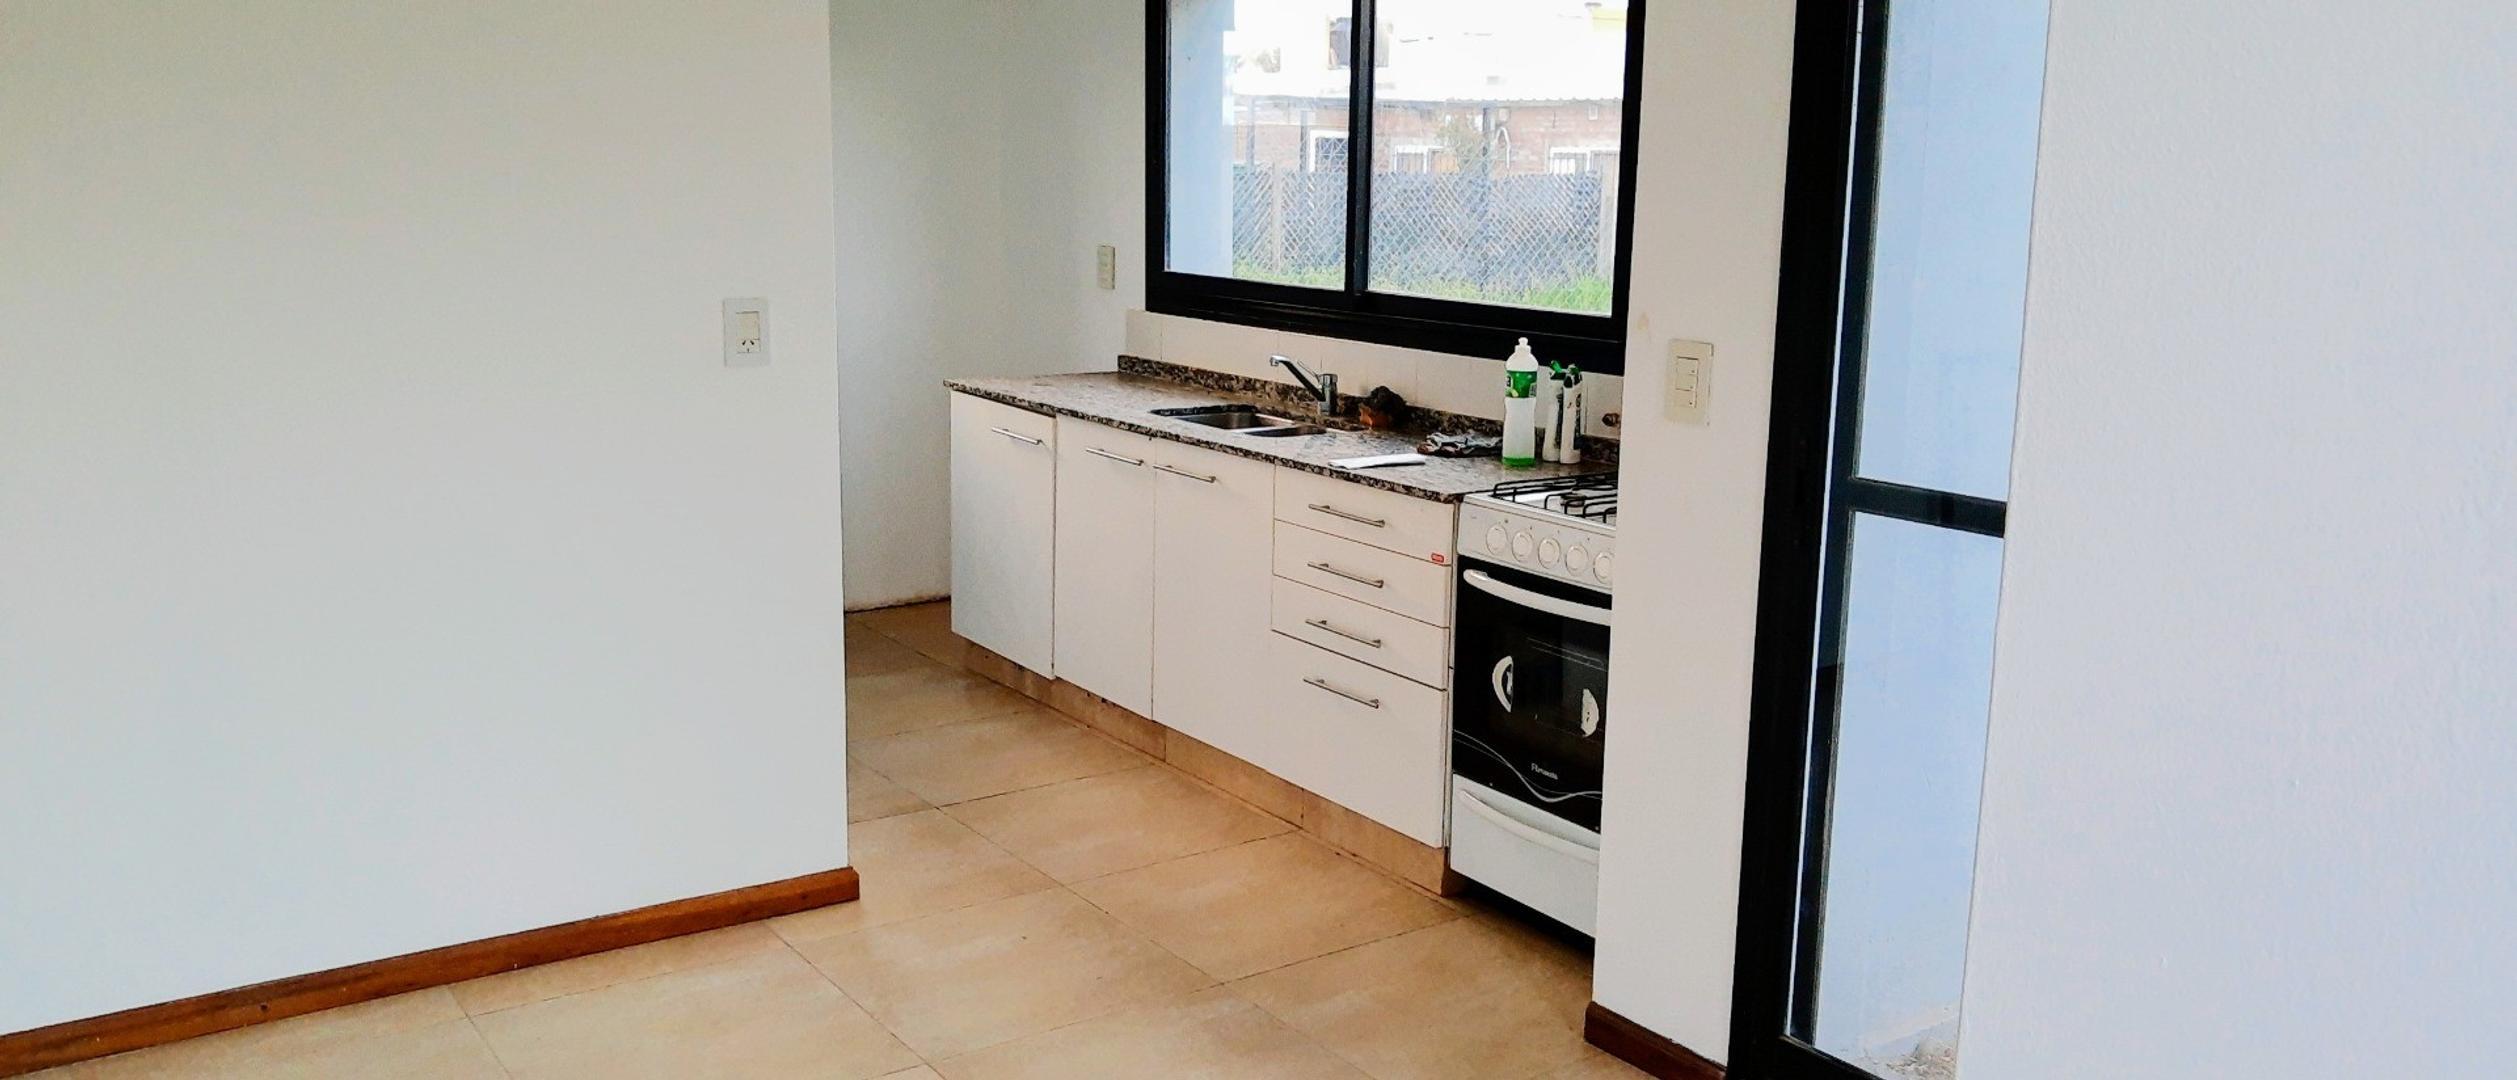 Casa en Venta en Alvarez - 2 ambientes